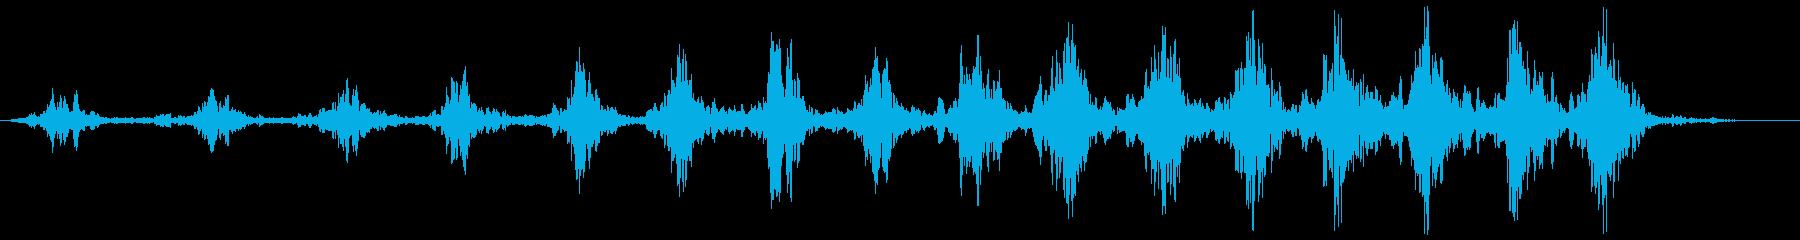 ローワーリングスワッシュ、フォリーの再生済みの波形